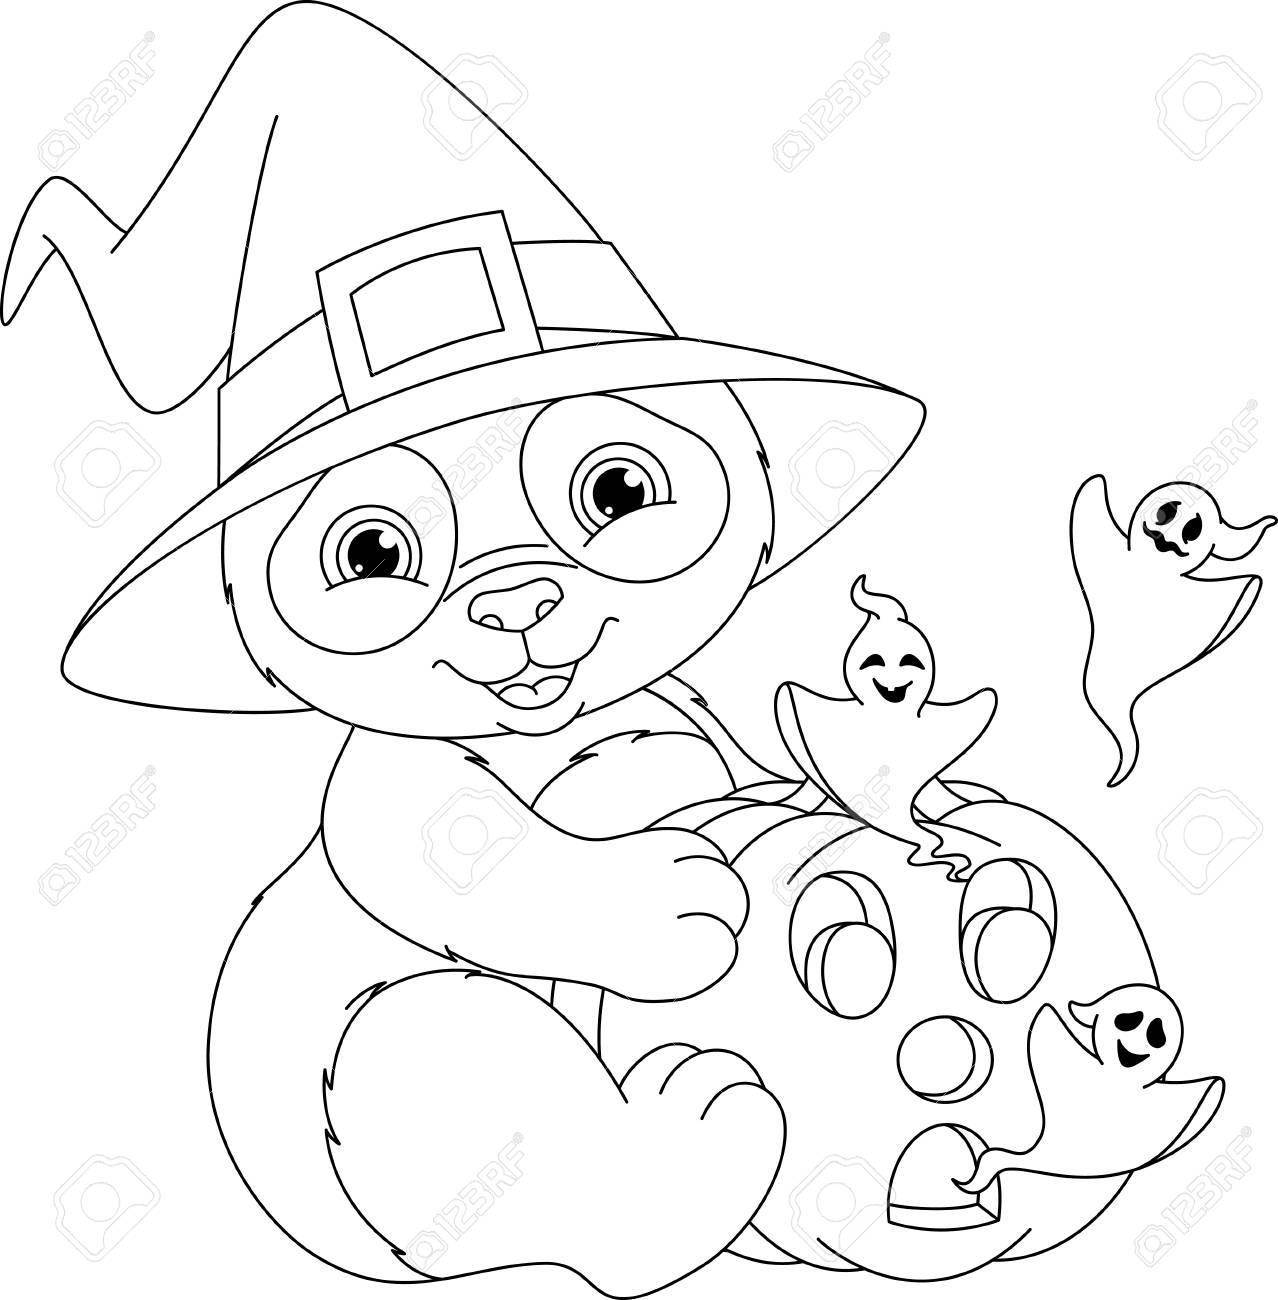 Colorear Halloween Página Para Colorear Ilustraciones Vectoriales ...